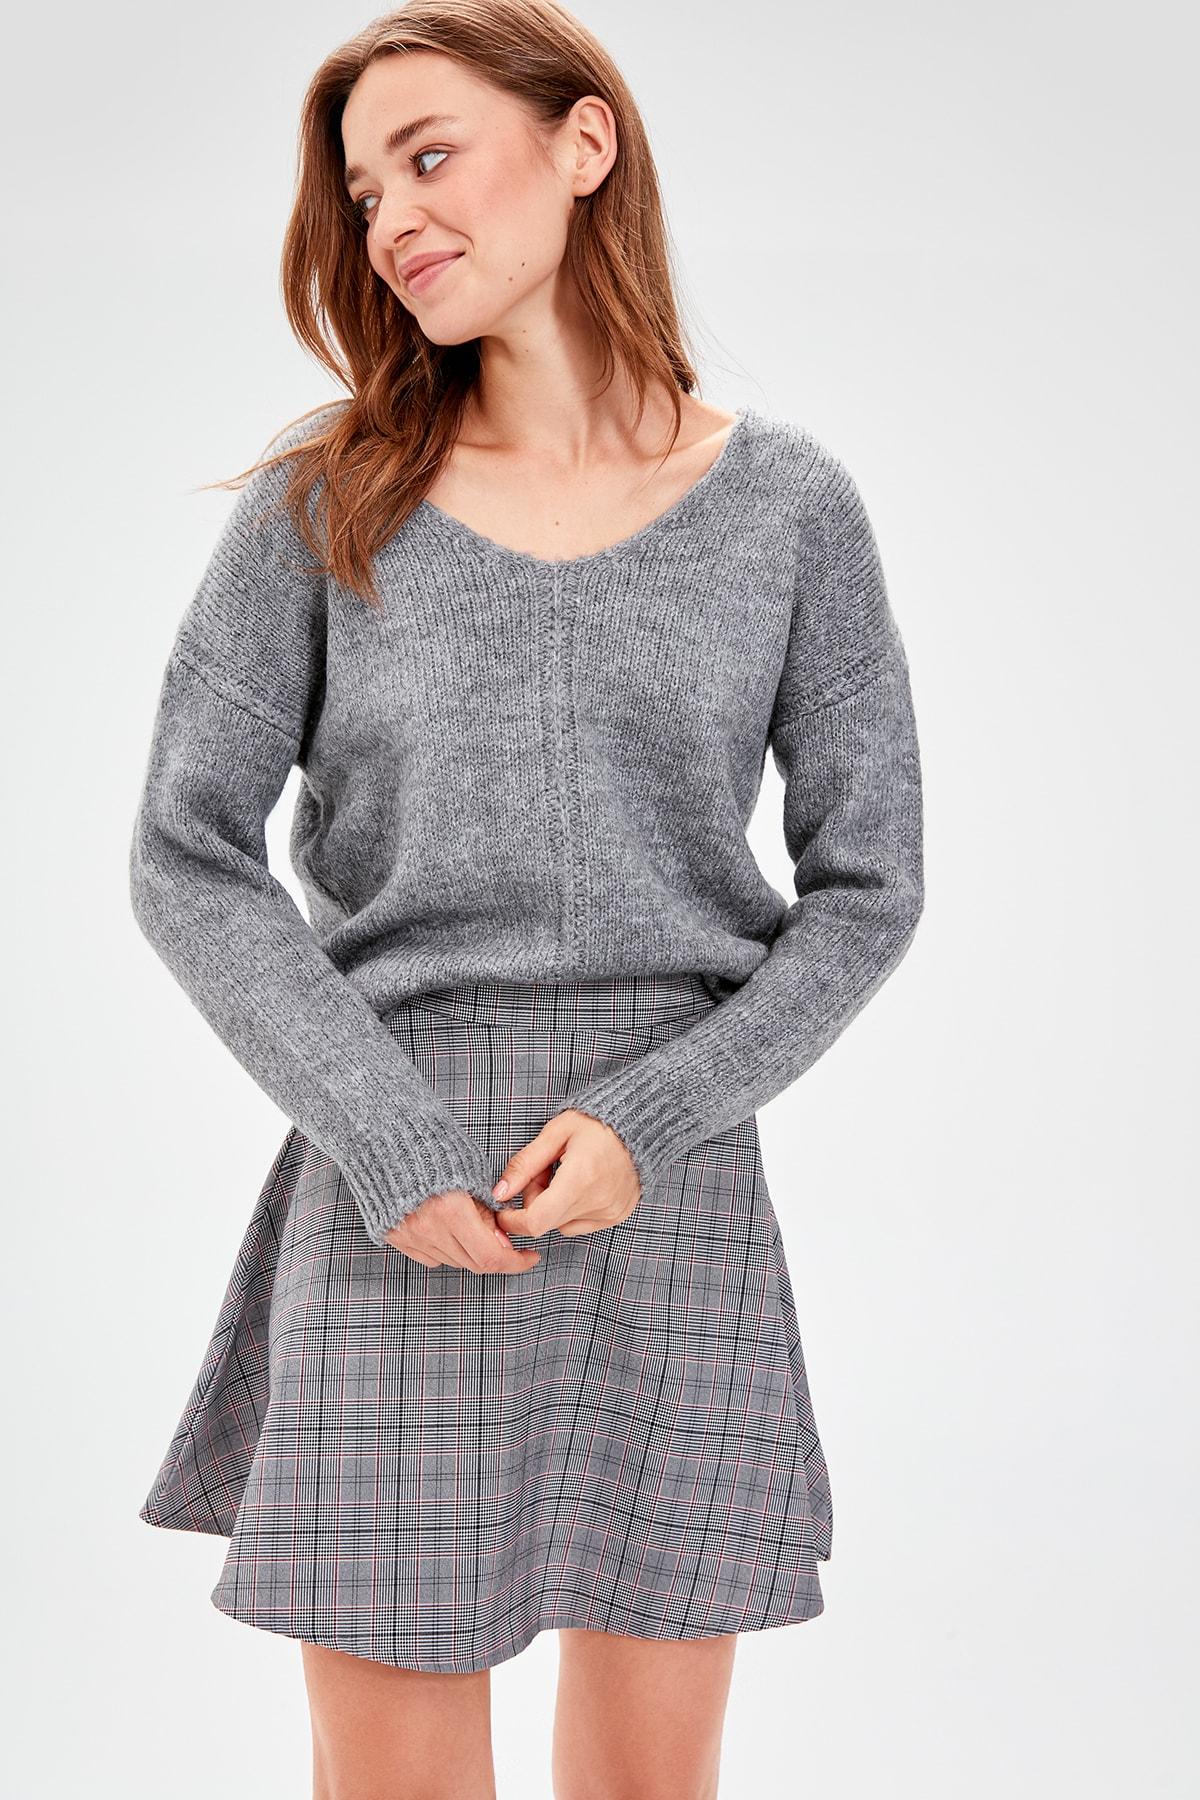 Trendyol Gray V-Neck Knitwear Sweater TWOAW20JK0037